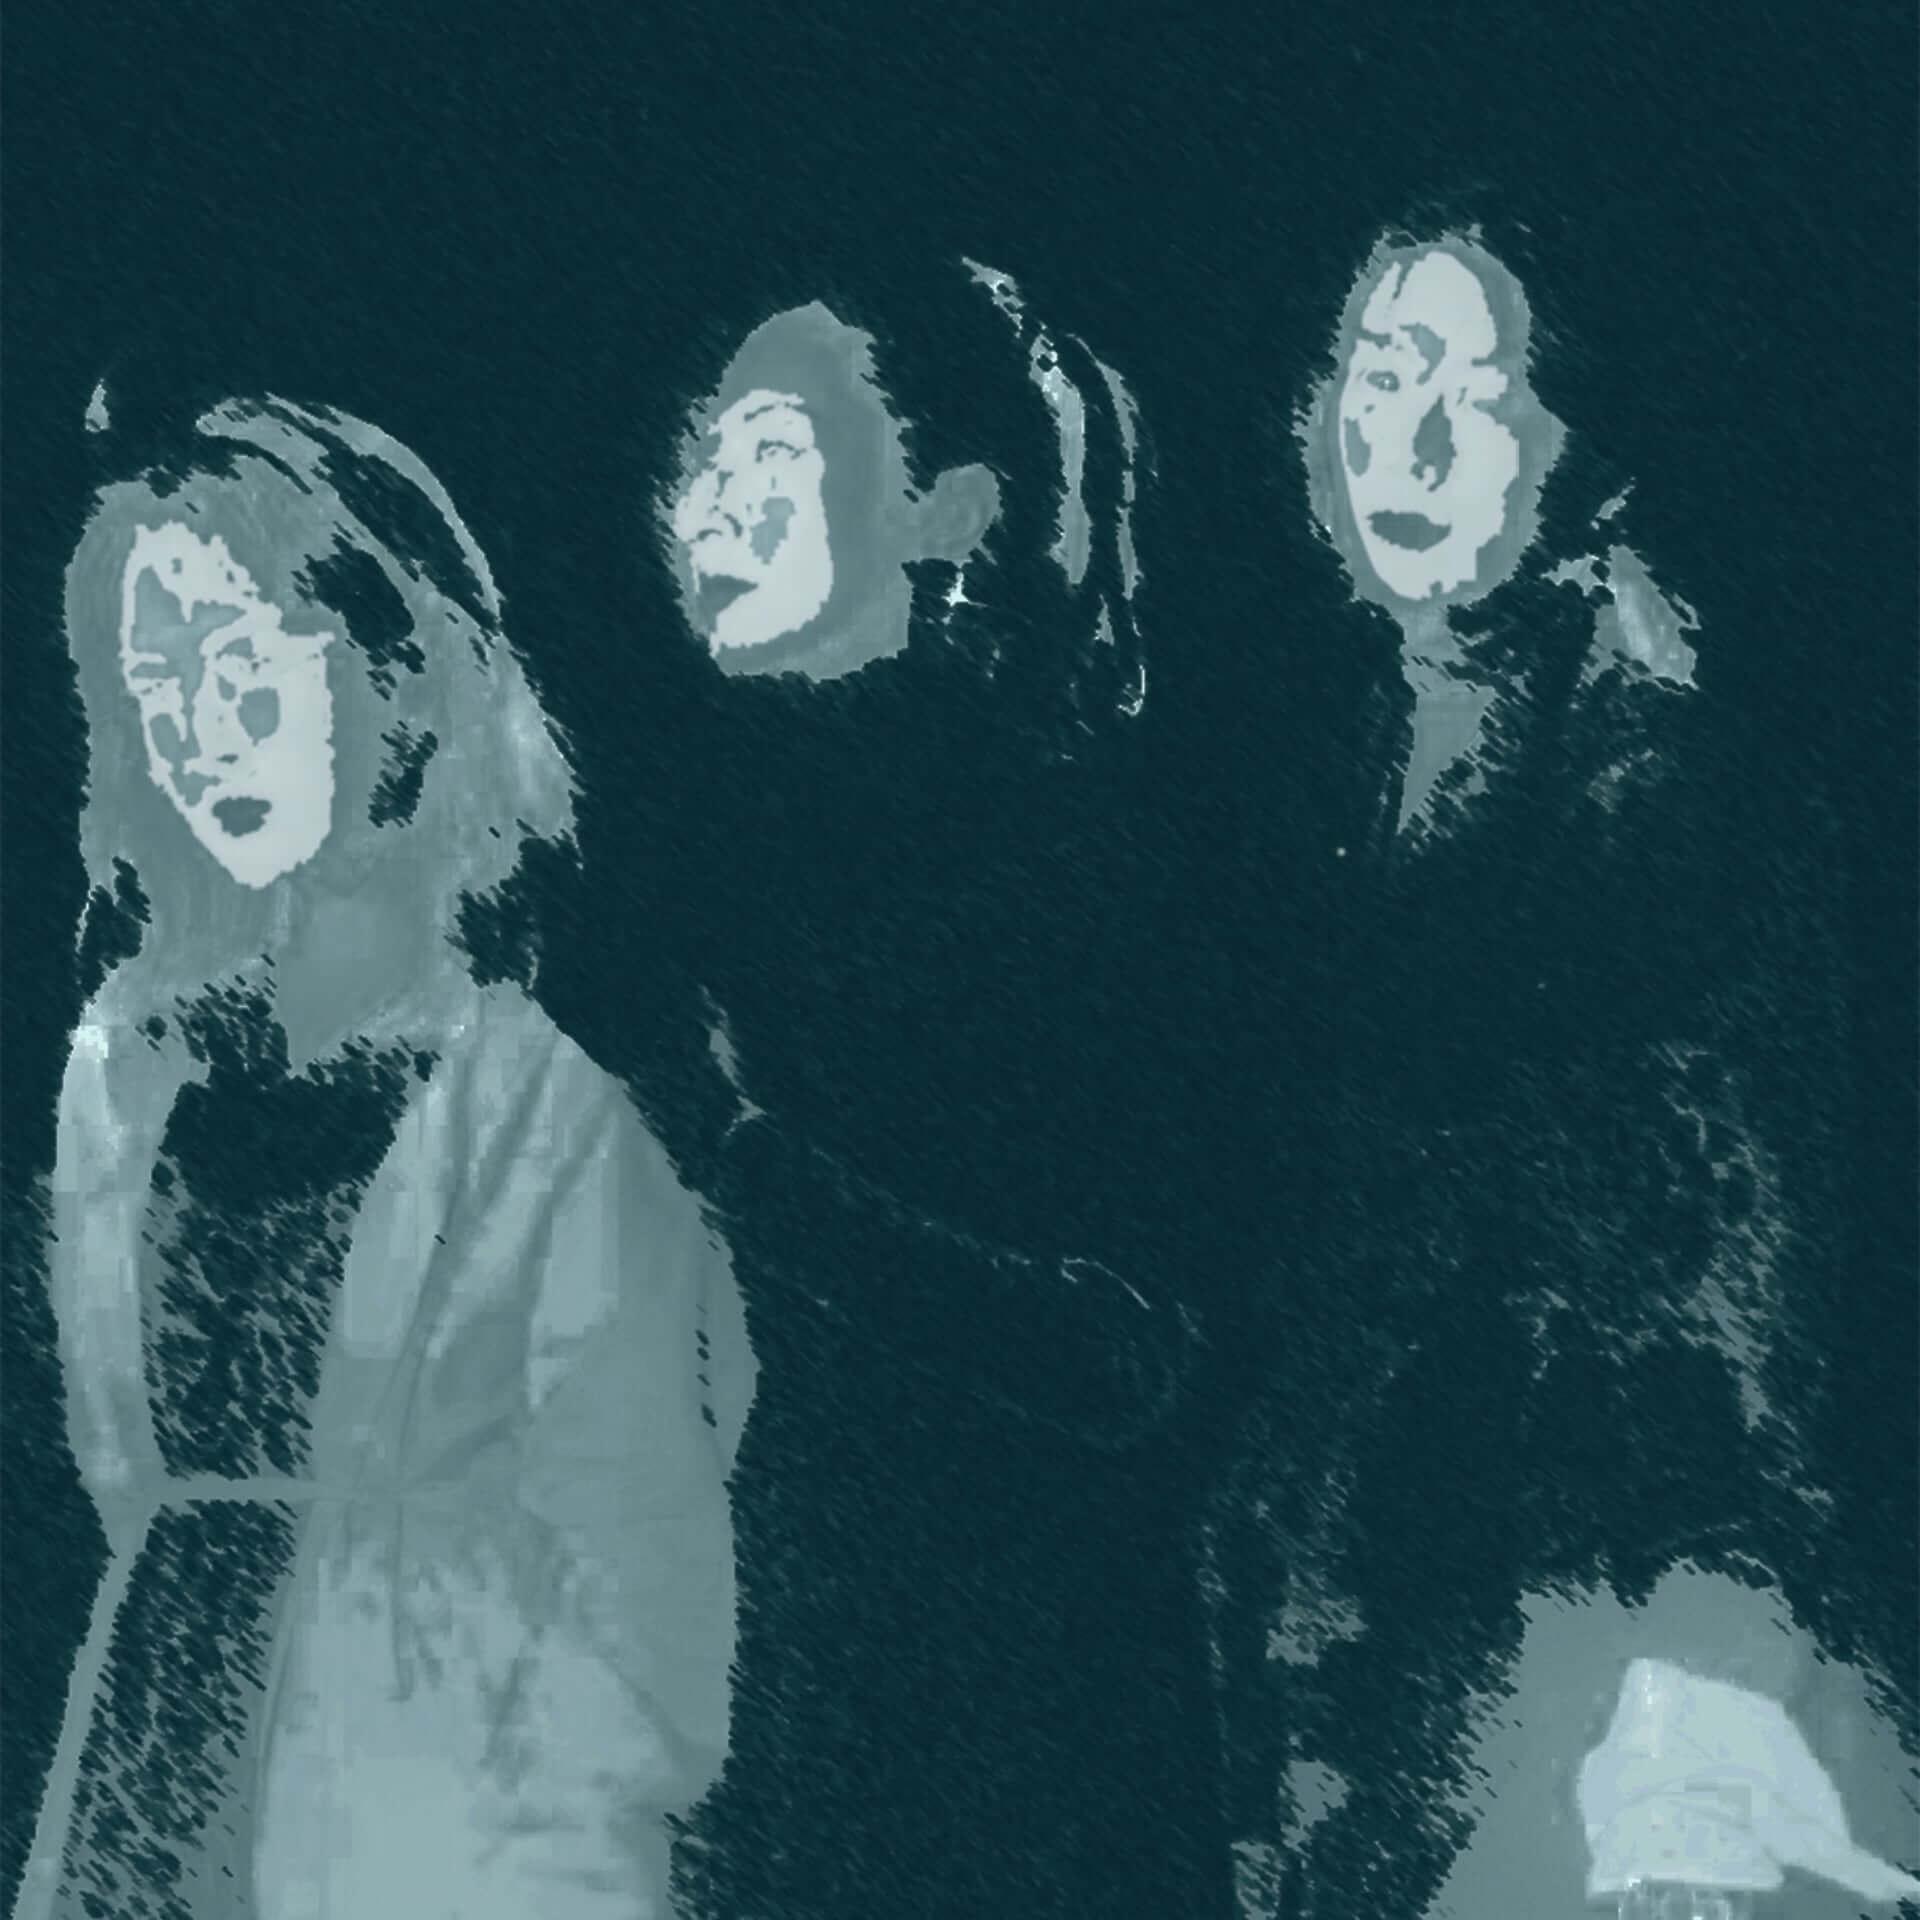 アーティストの視点から観るNetflixの映画・ドラマ・ドキュメンタリー|Vol.26 TAWINGS - 『フレンズ』『ミス・アメリカーナ』『スキンズ』 column200629_netflix_tawings_02-1920x1920